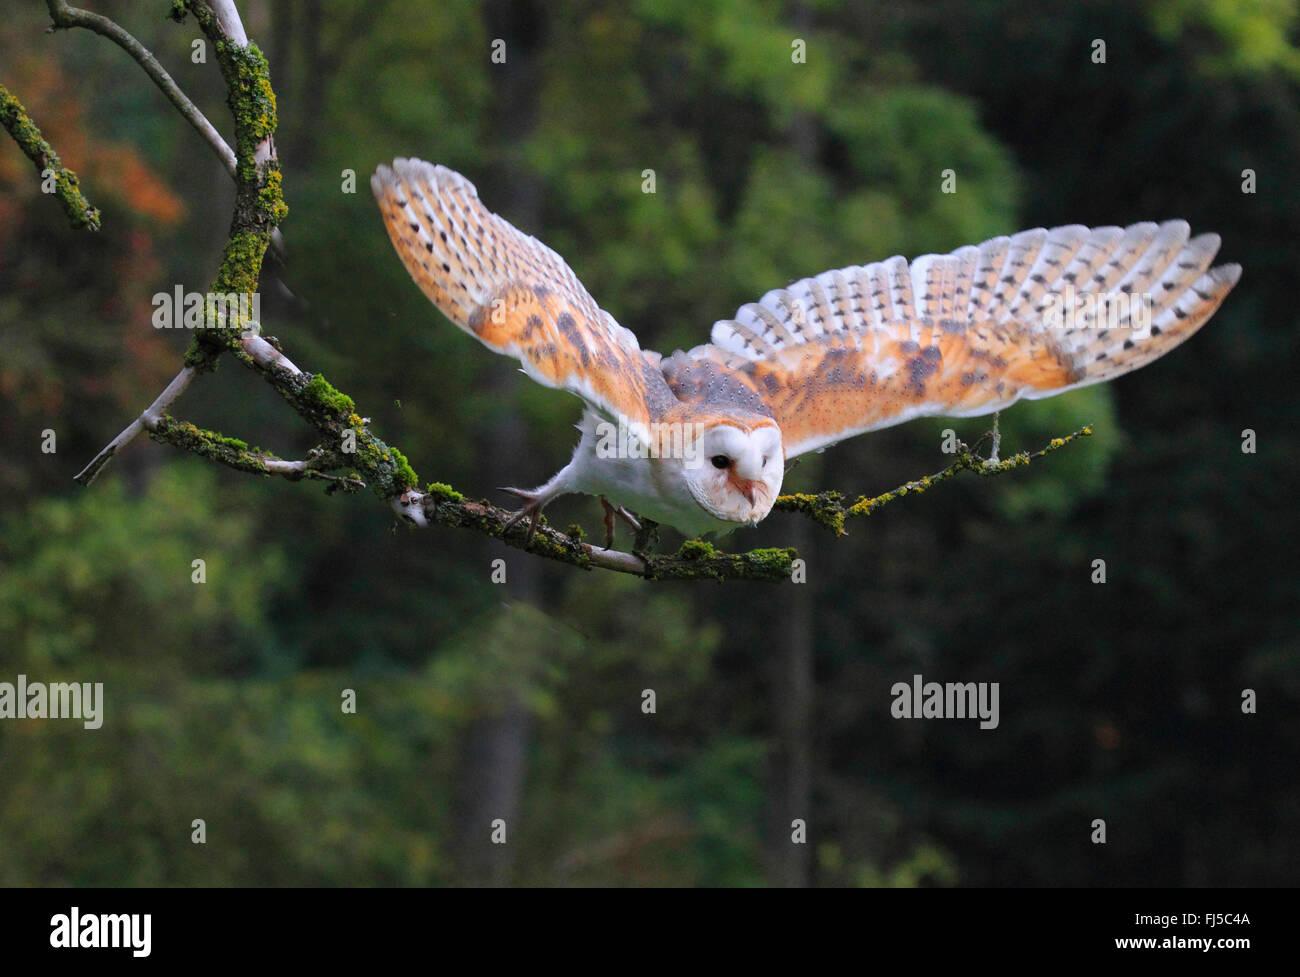 Barn owl (Tyto alba), flying, Germany - Stock Image